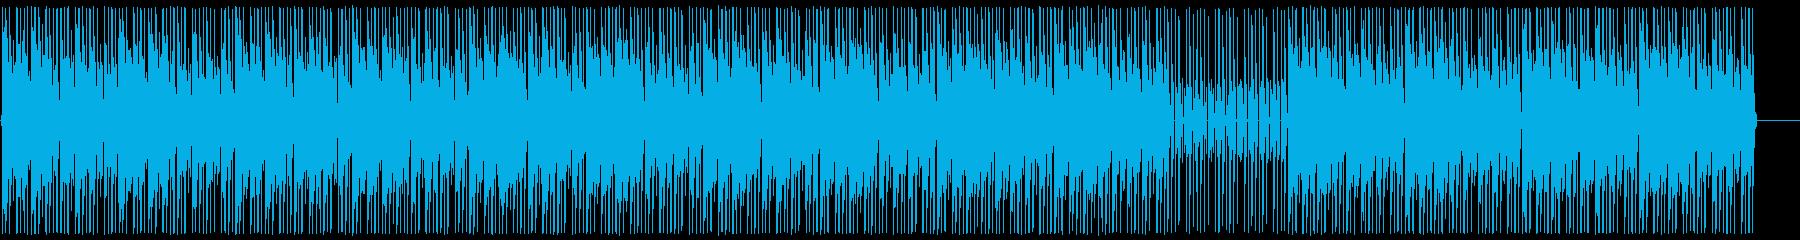 ヒップホップ/シンプル・王道/ギター/2の再生済みの波形